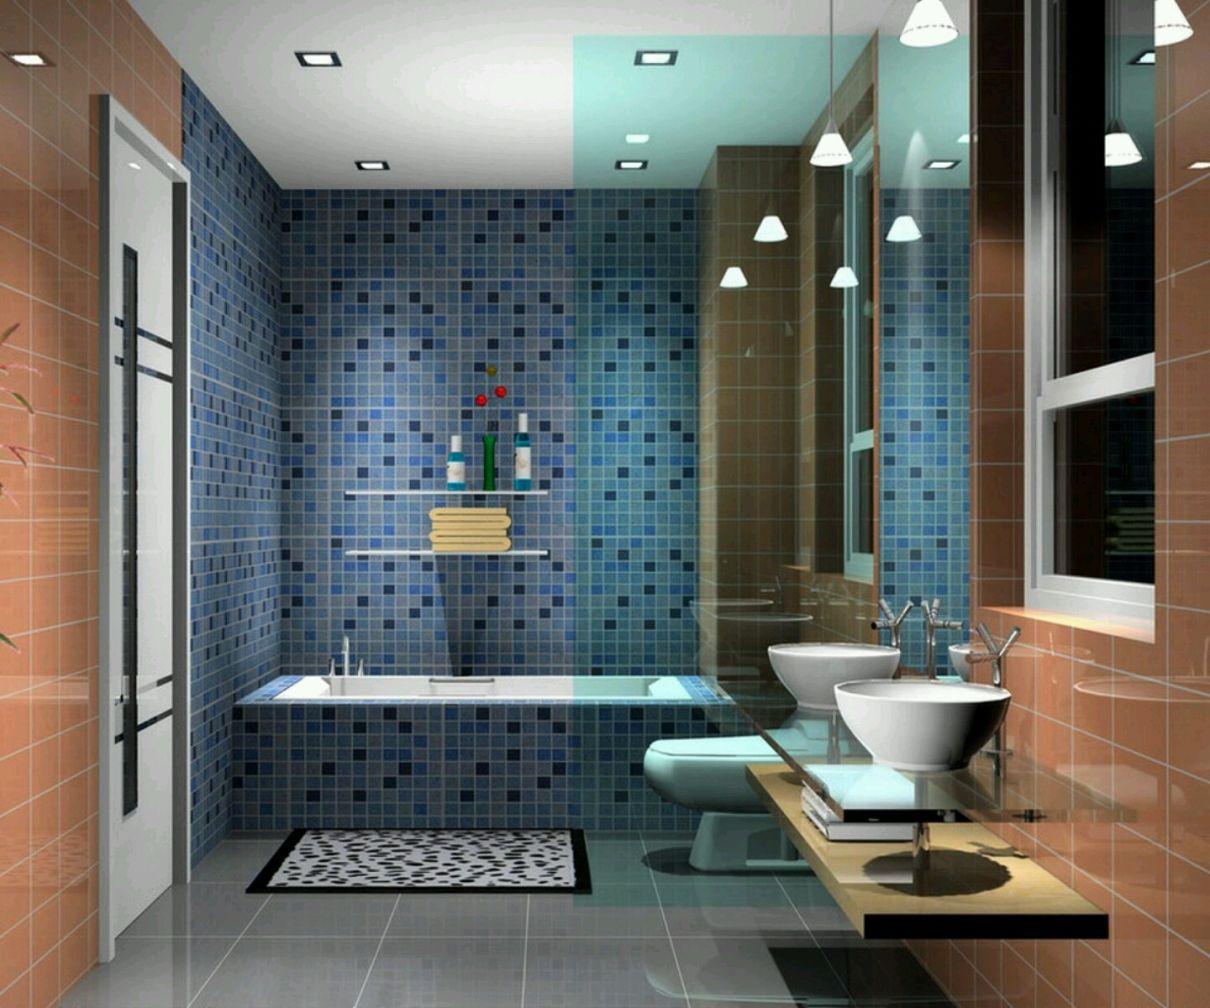 Medium Bathroom In Dark Color Design The Best Design For Your Home Best Bathroom Designs Bathroom Design Small Modern Modern Bathroom